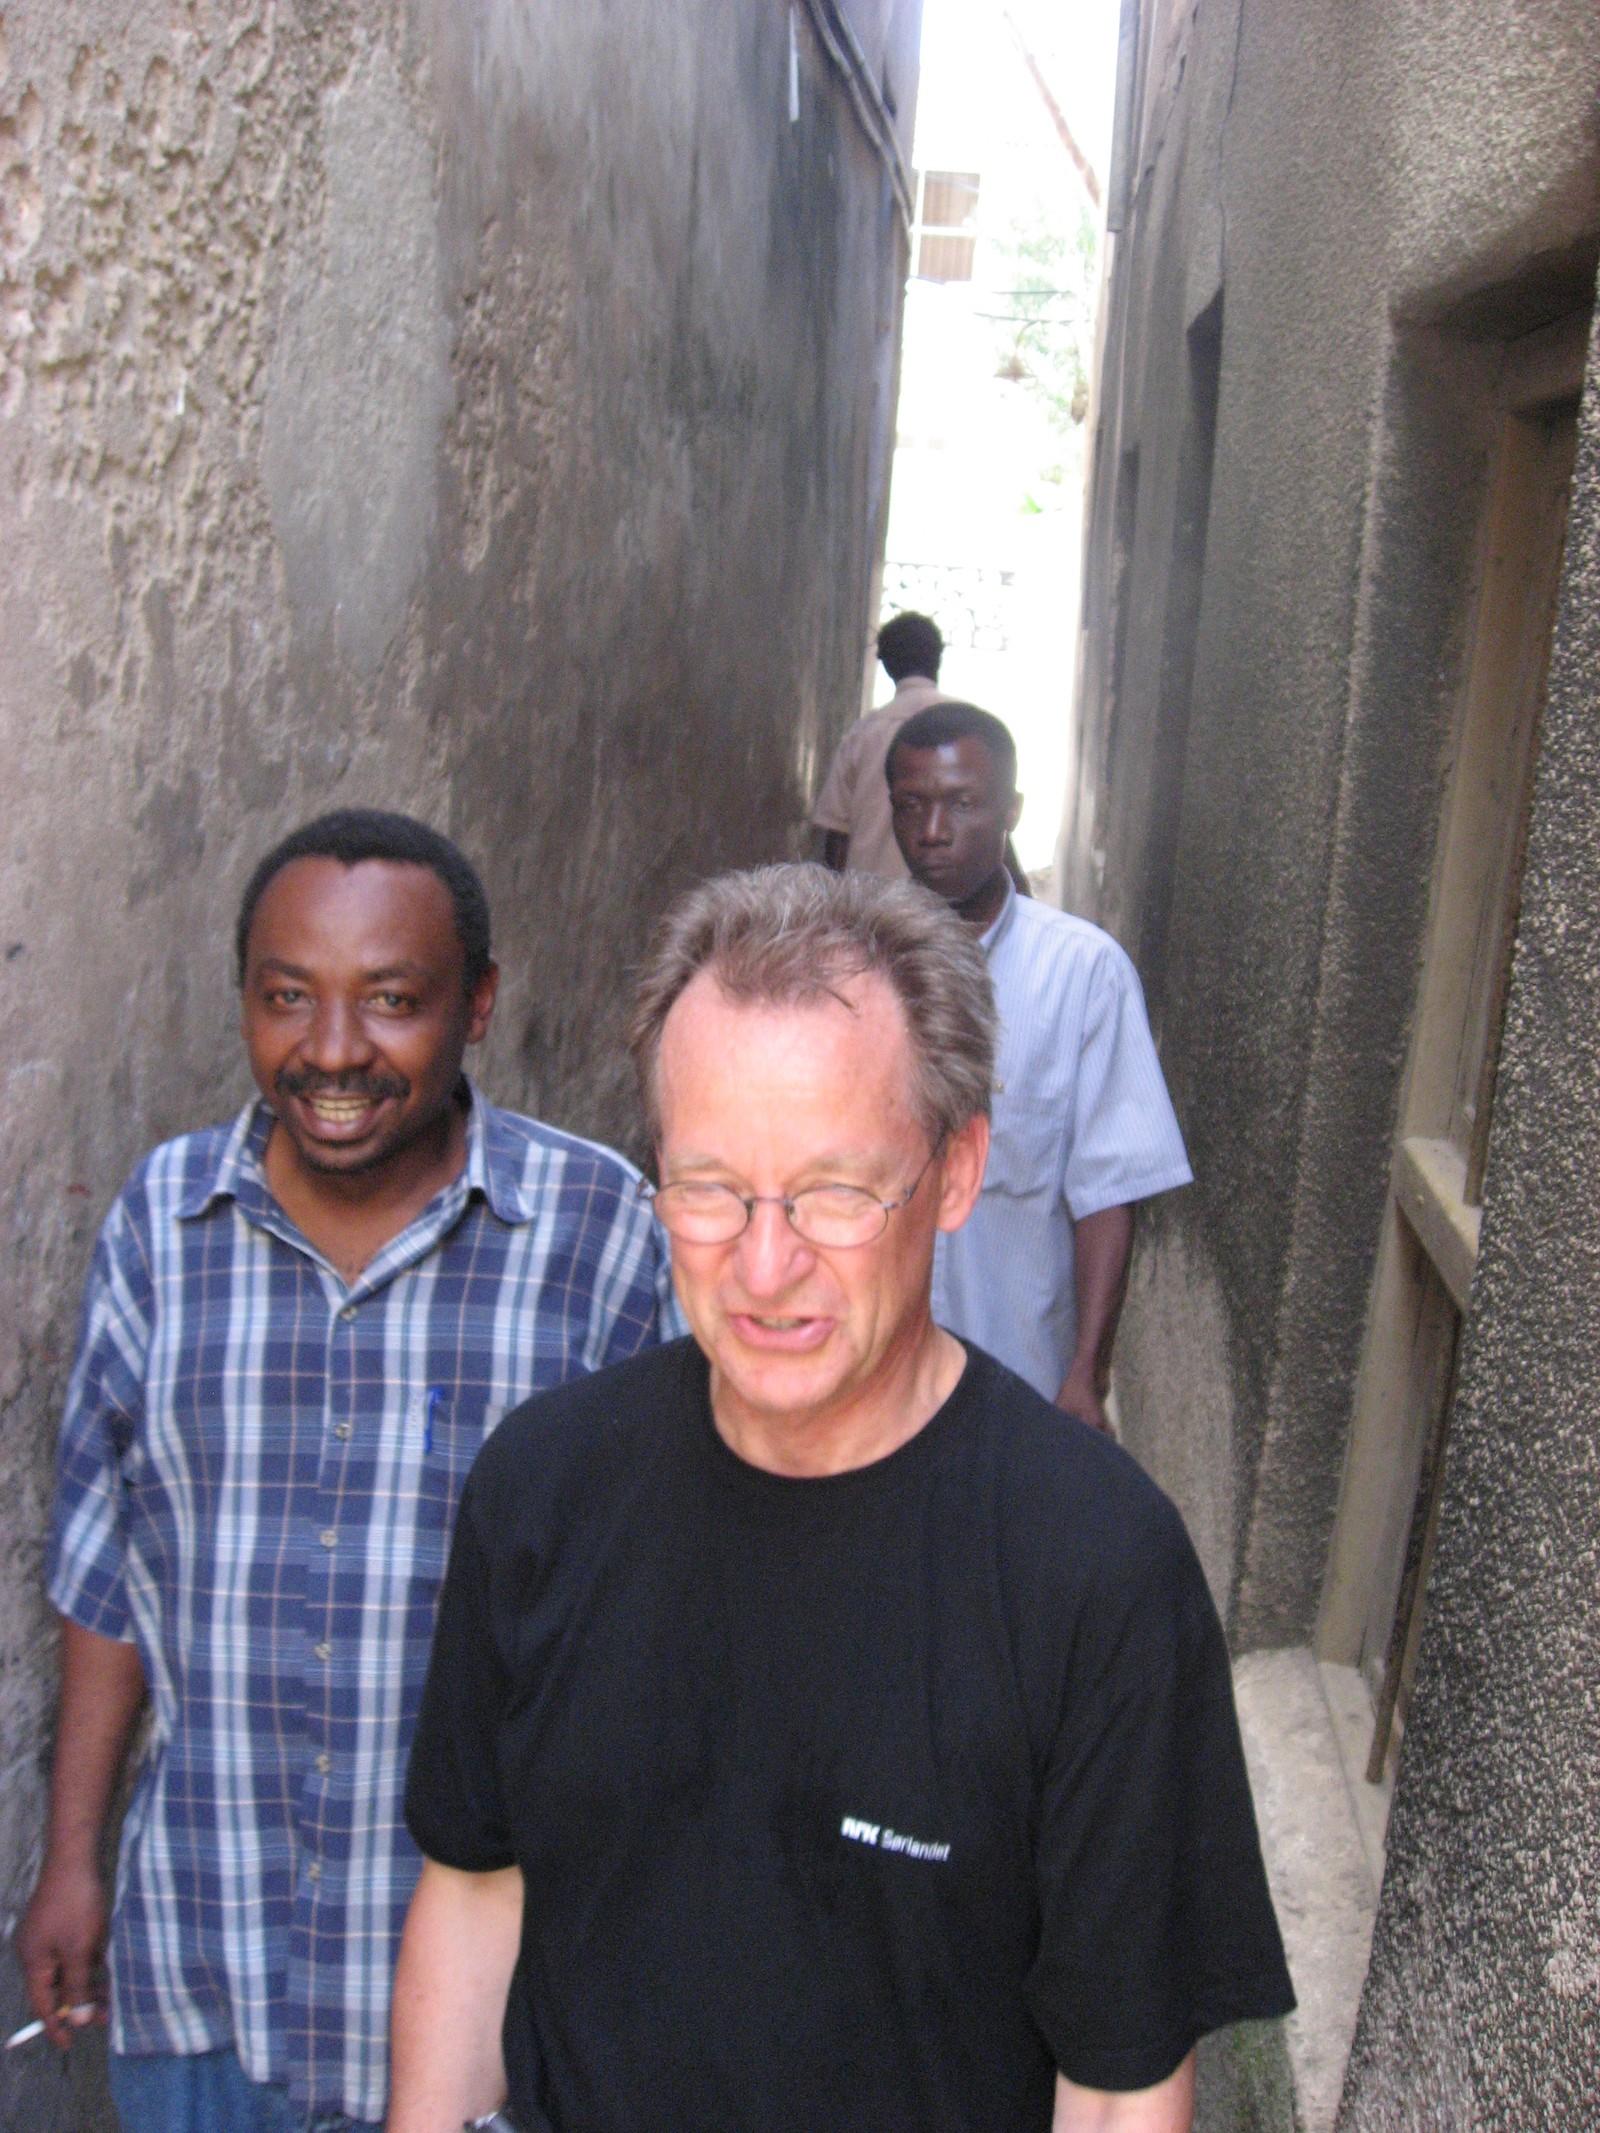 Sigbjørn Nedland i Stone Town, hovedstaden på Zanzibar sammen med Matona, som er Zanzibars viktigste musiker.